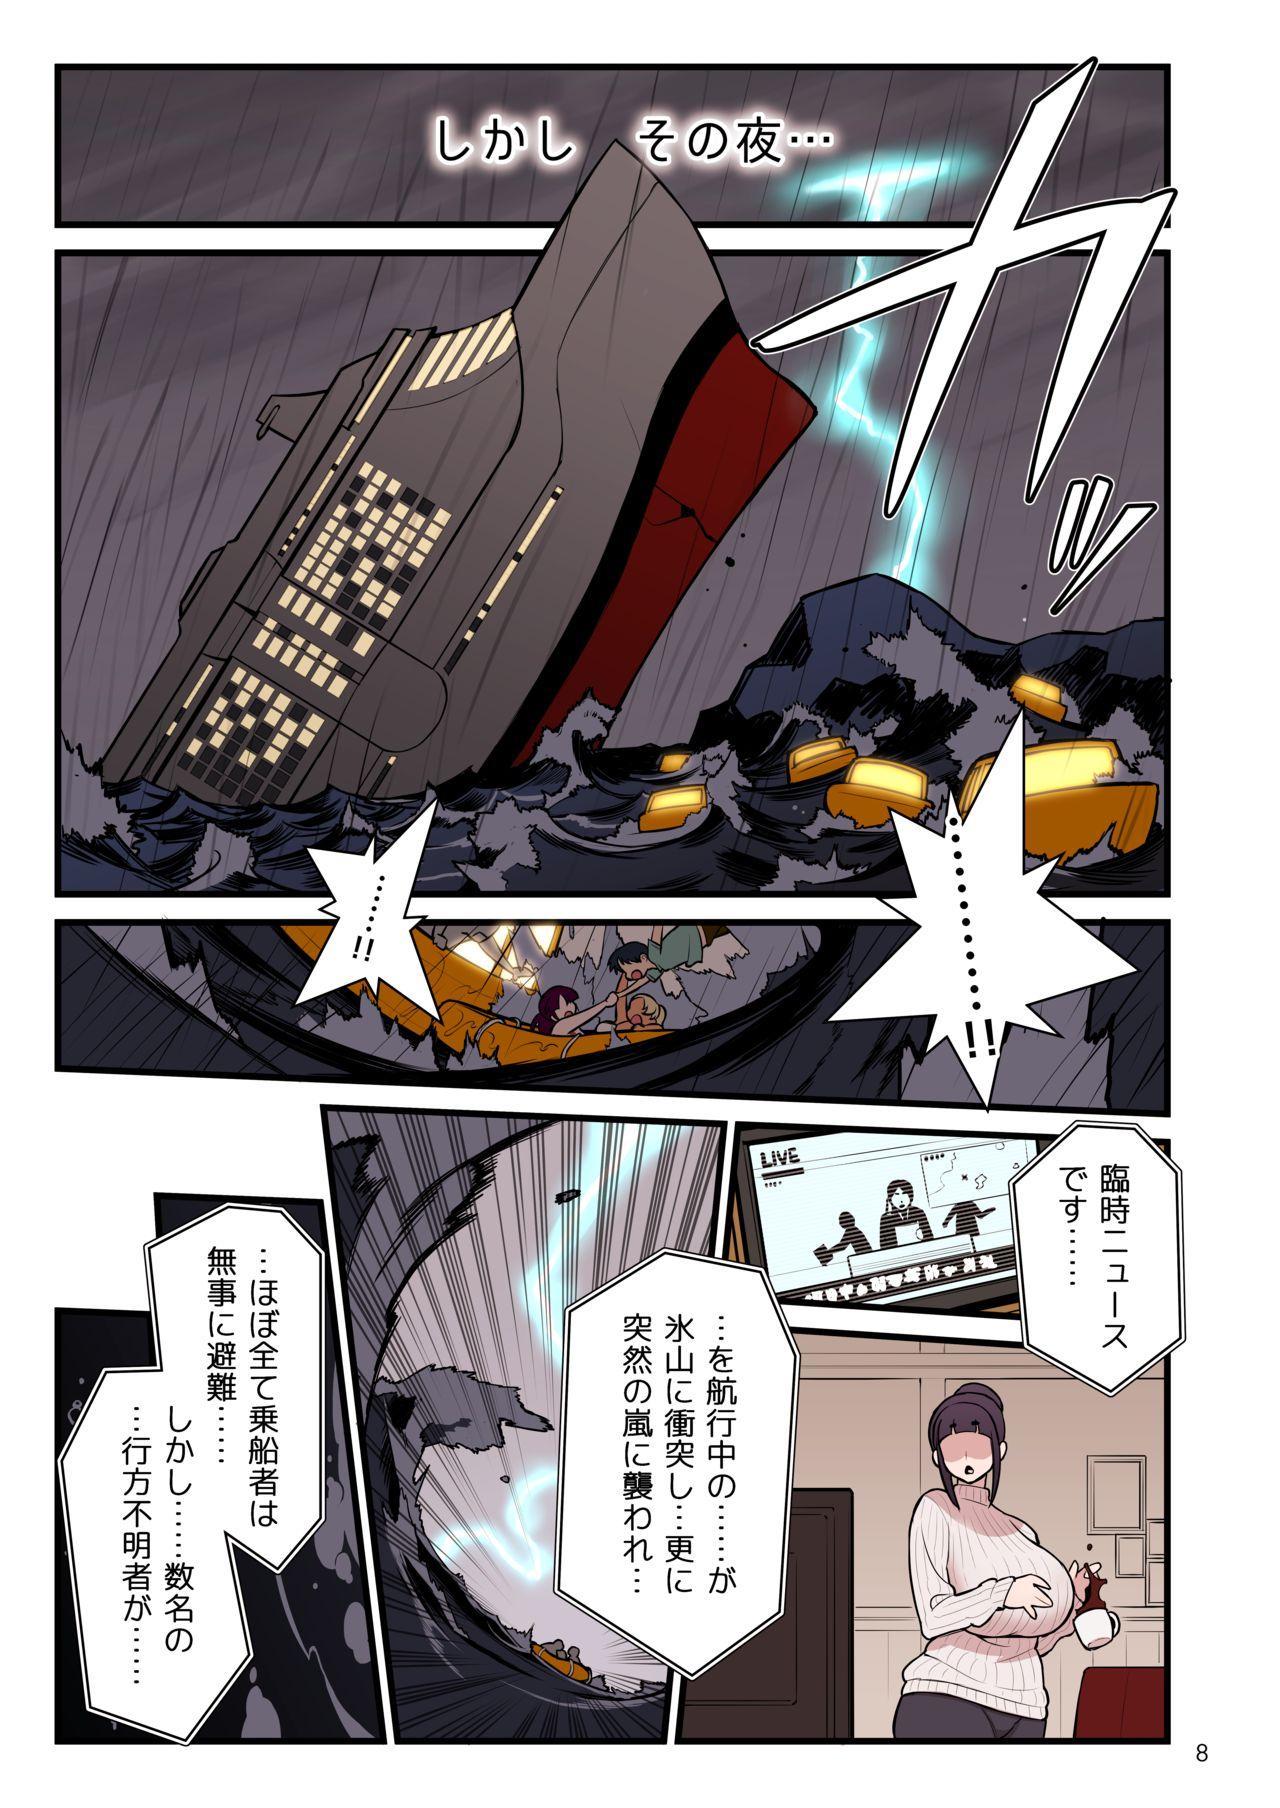 Kuro Gal VS Fuuki Iin - Black Gal VS Prefect 3 8